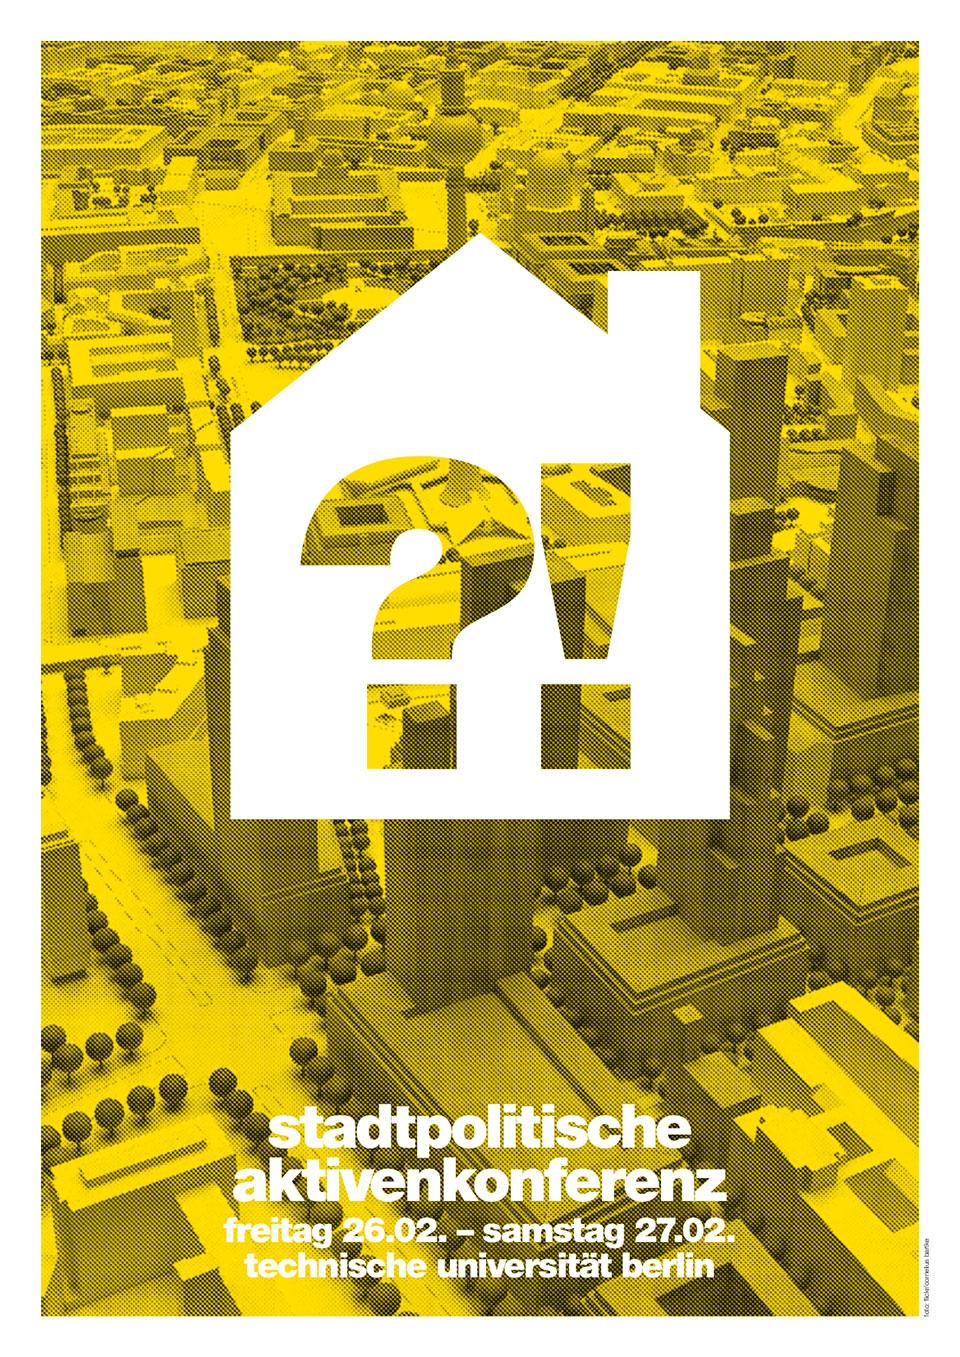 Stadtpolitische-Aktivenkonferenz-WEB-2